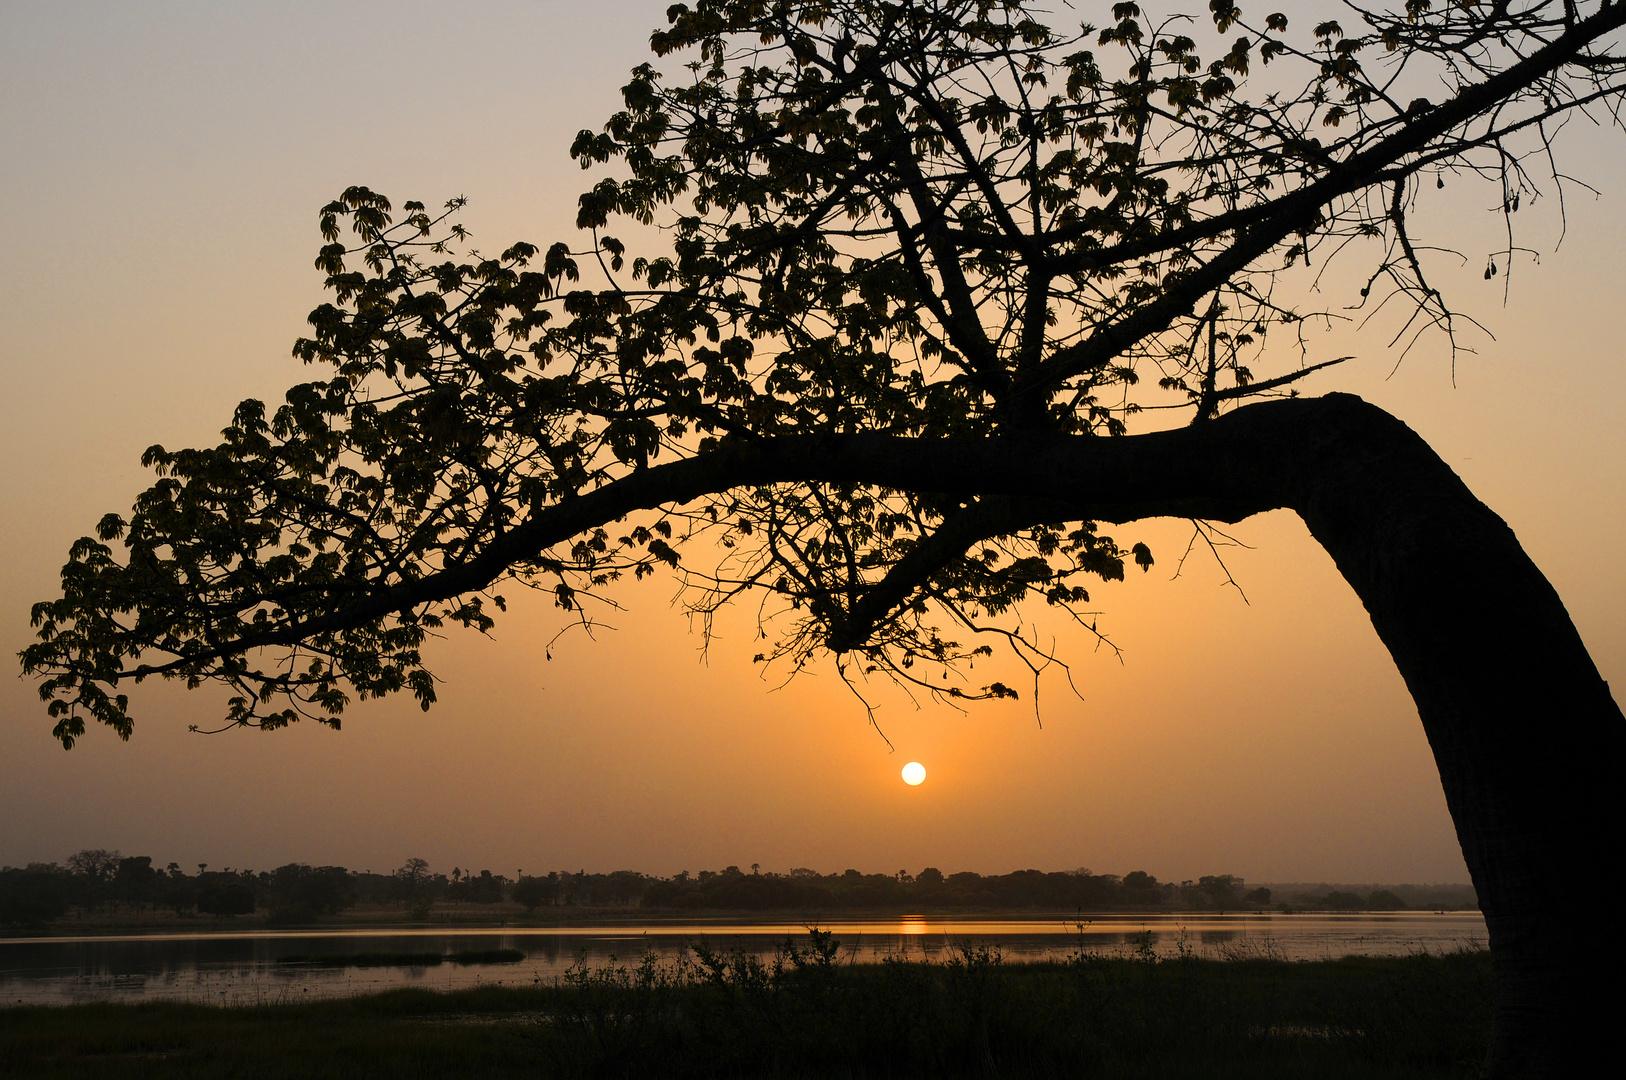 Abendstimmung am See von Tengrela / Burkina Faso